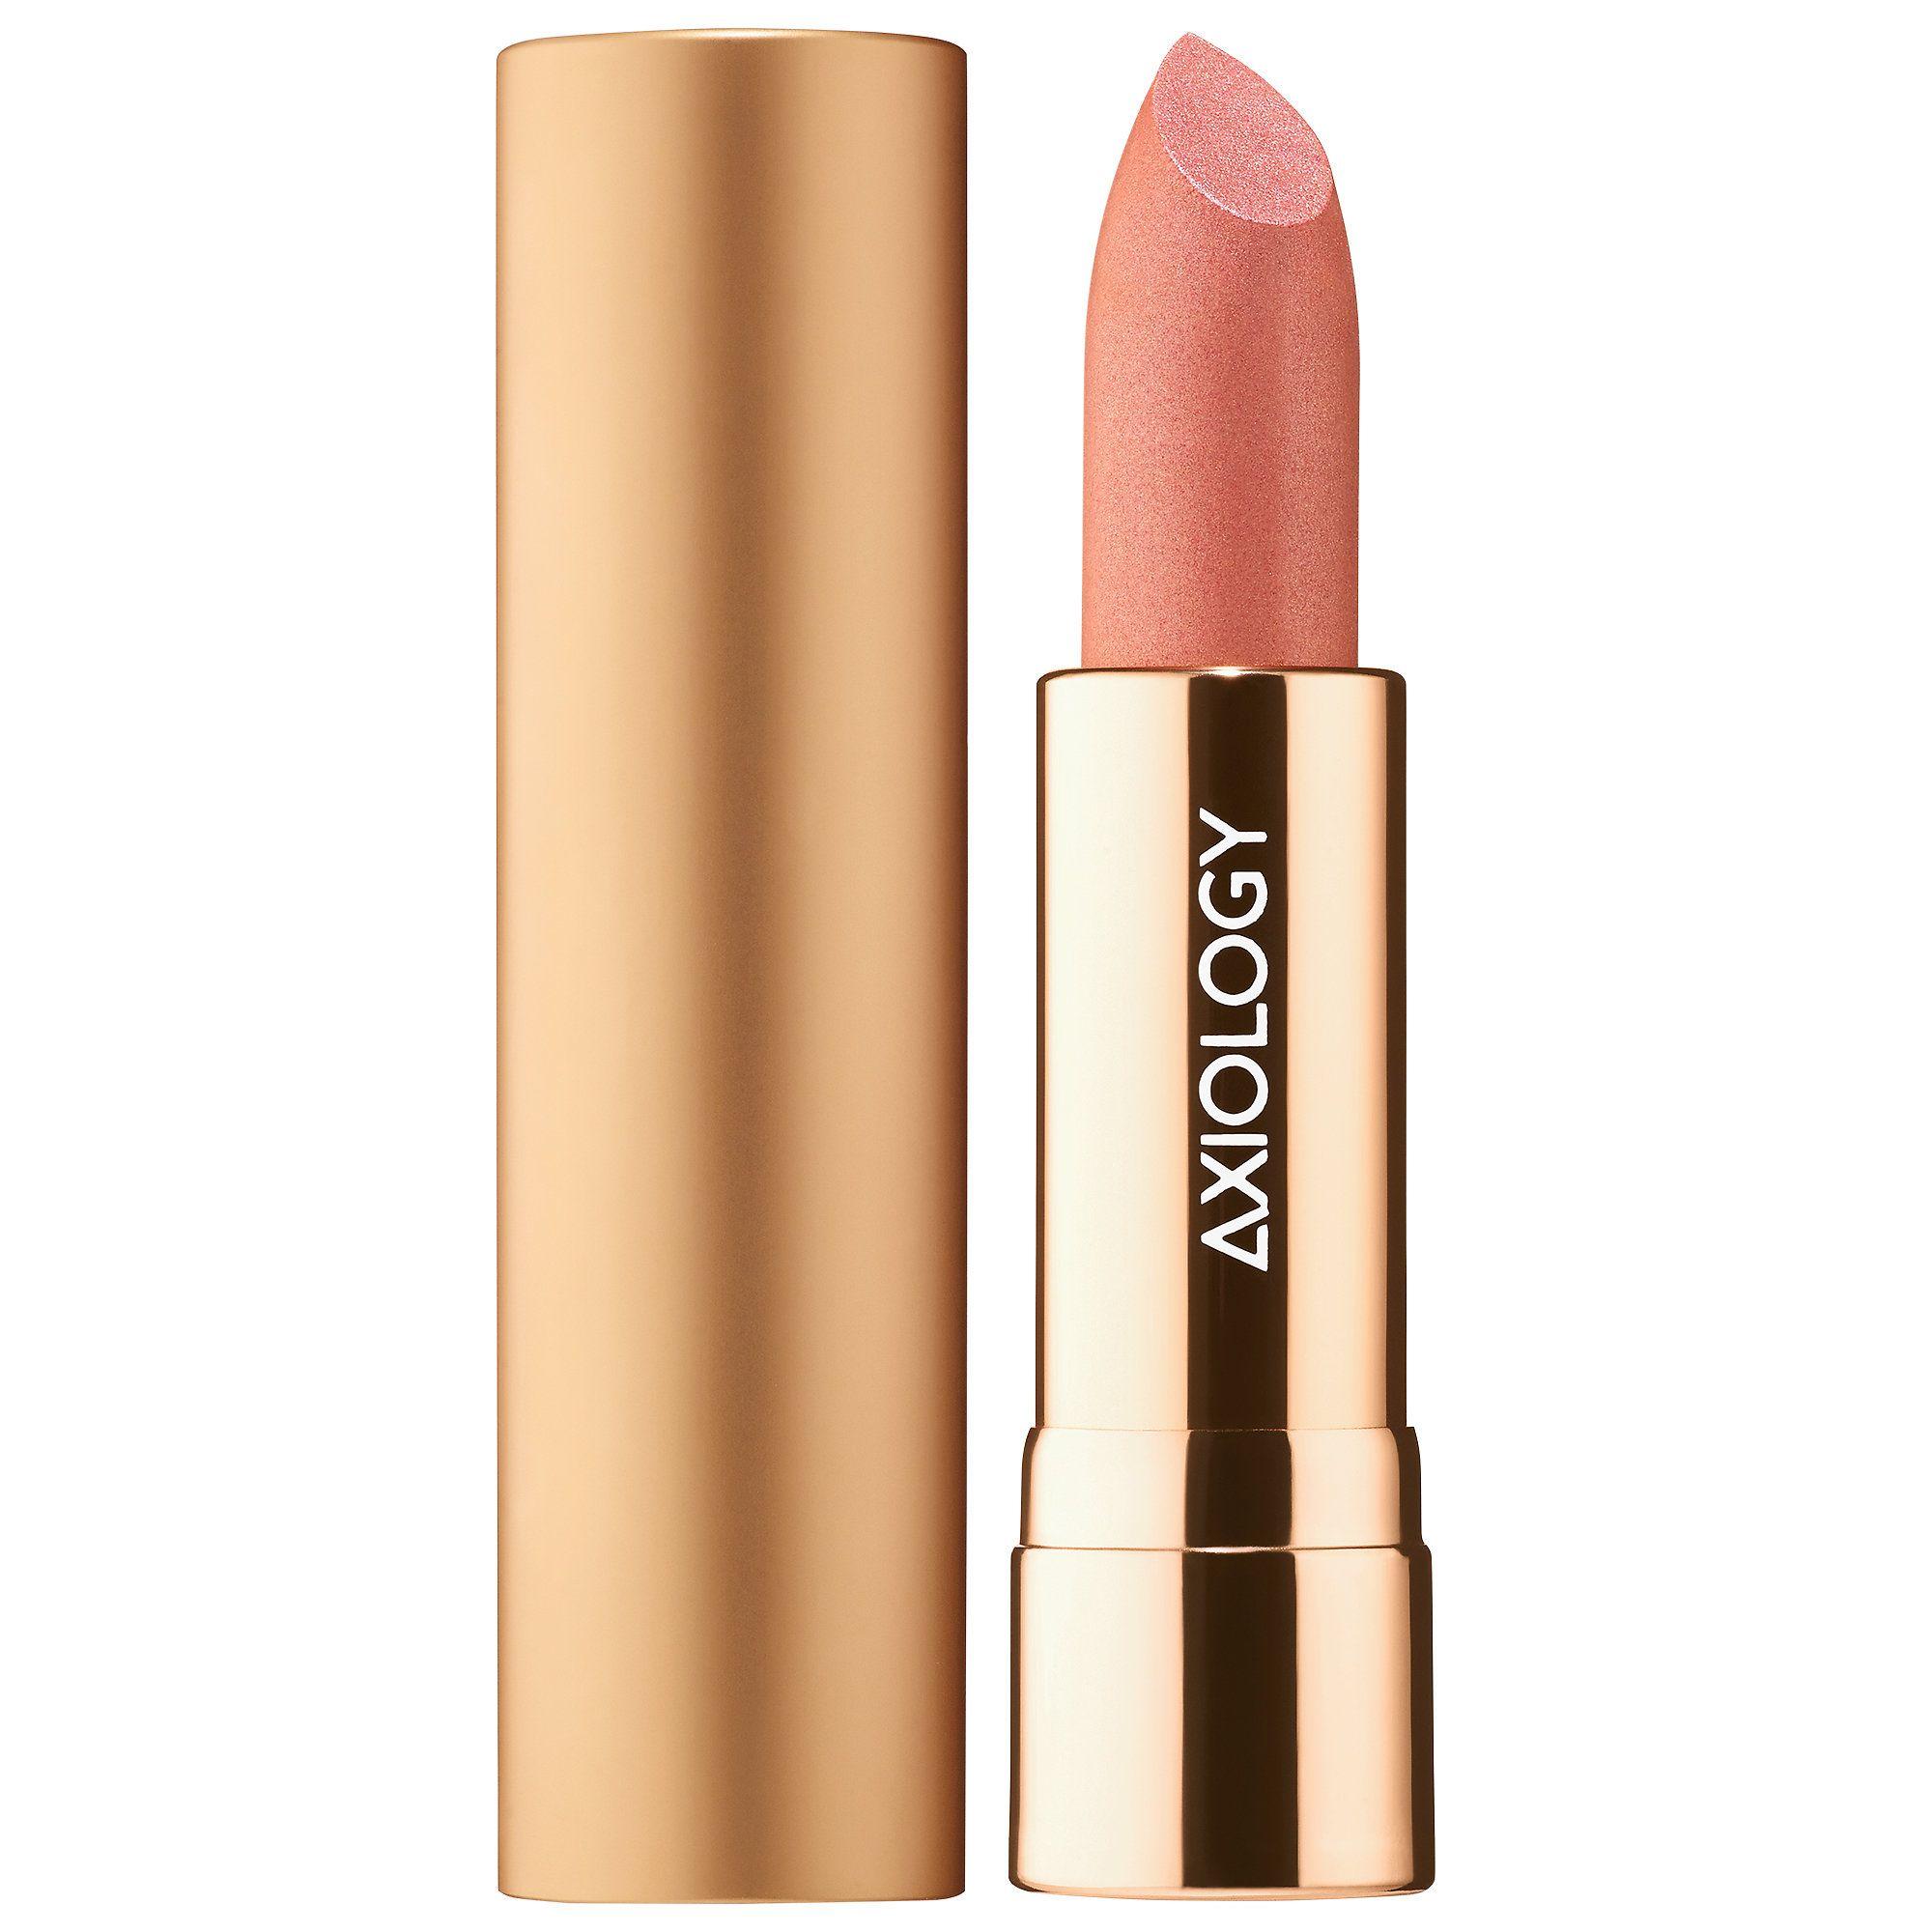 Shop Axiology's Natural Lipstick at Sephora. It has